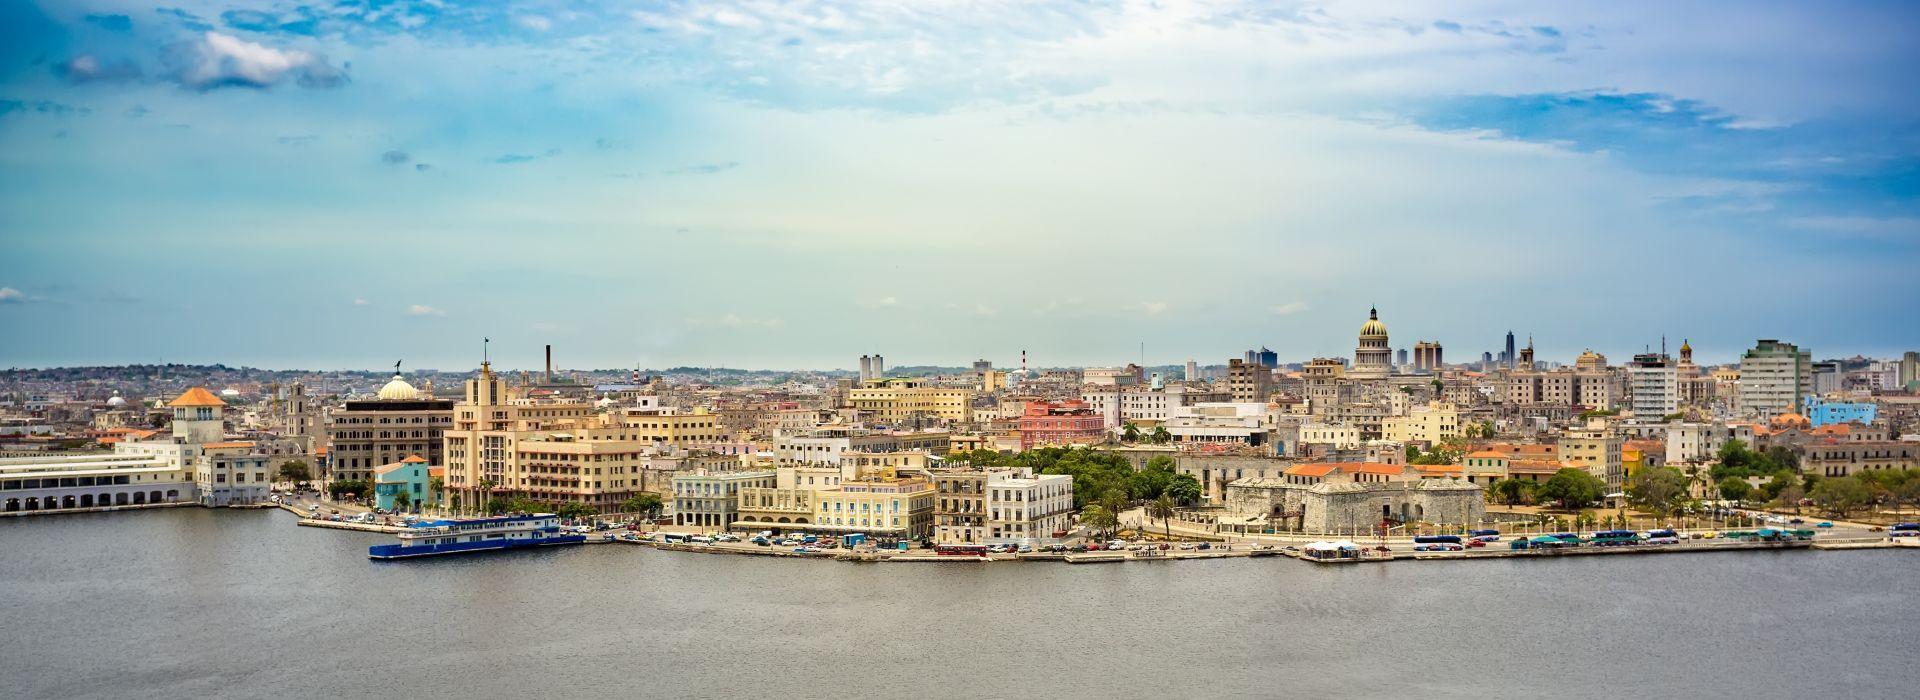 Explorer Tours in Havana